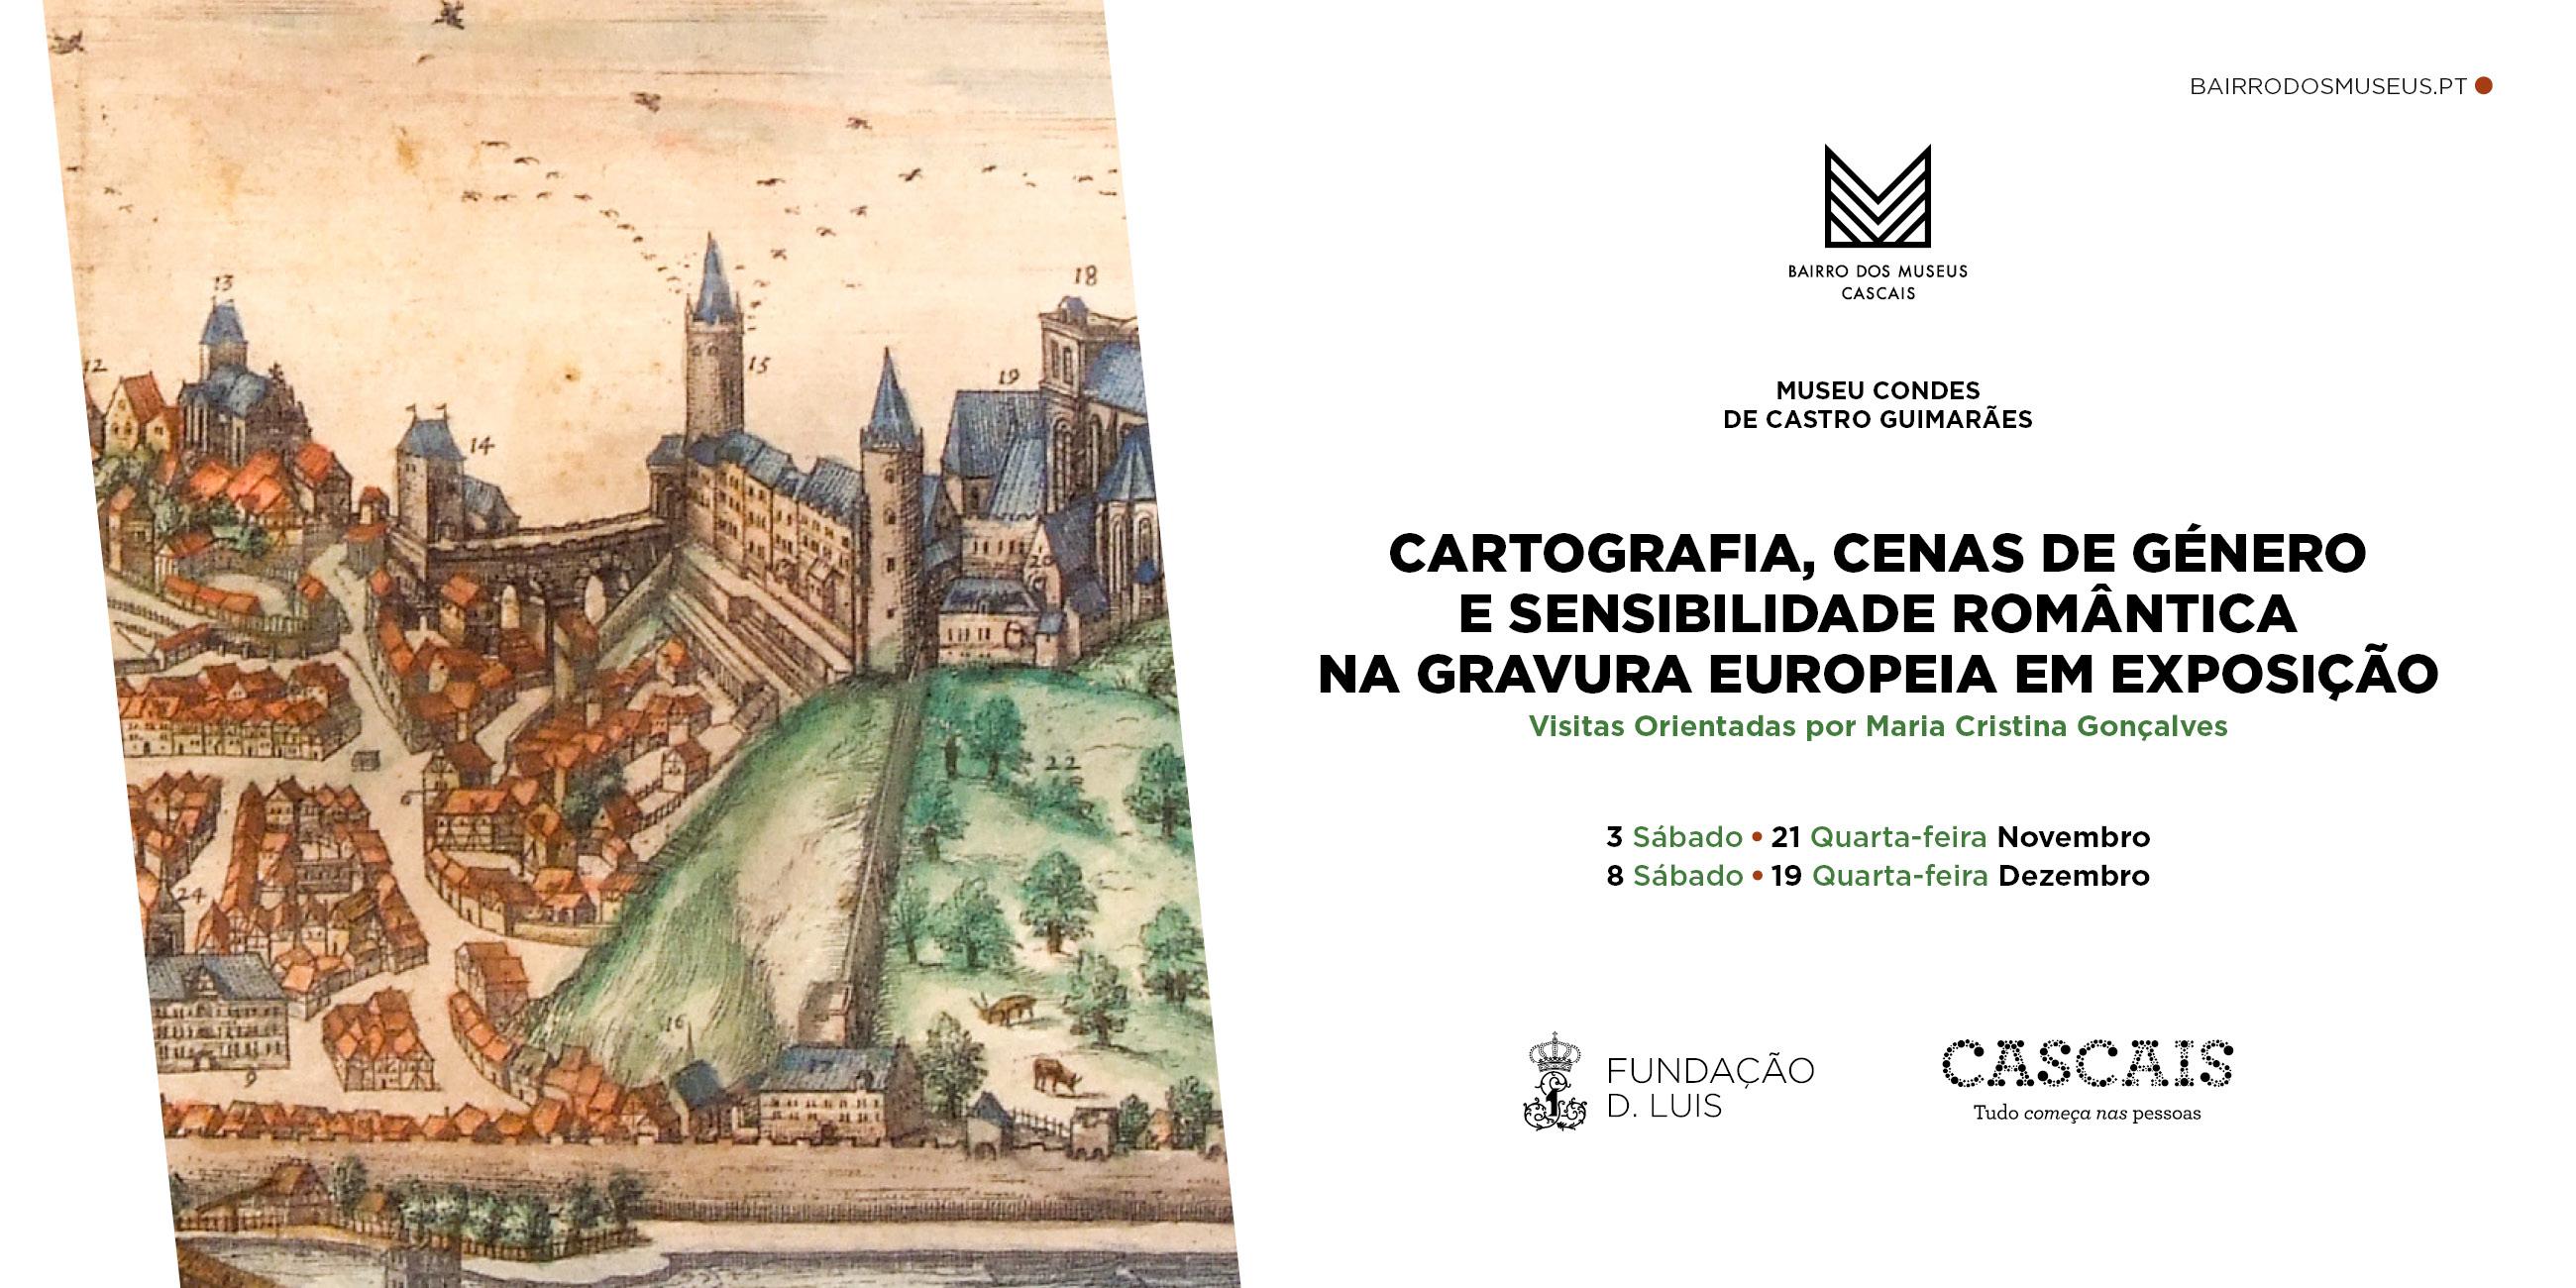 Cartografia, Cenas De Género E Sensibilidade Romântica Na Gravura Europeia Em Exposição | Visitas Orientadas Por Maria Cristina Gonçalves